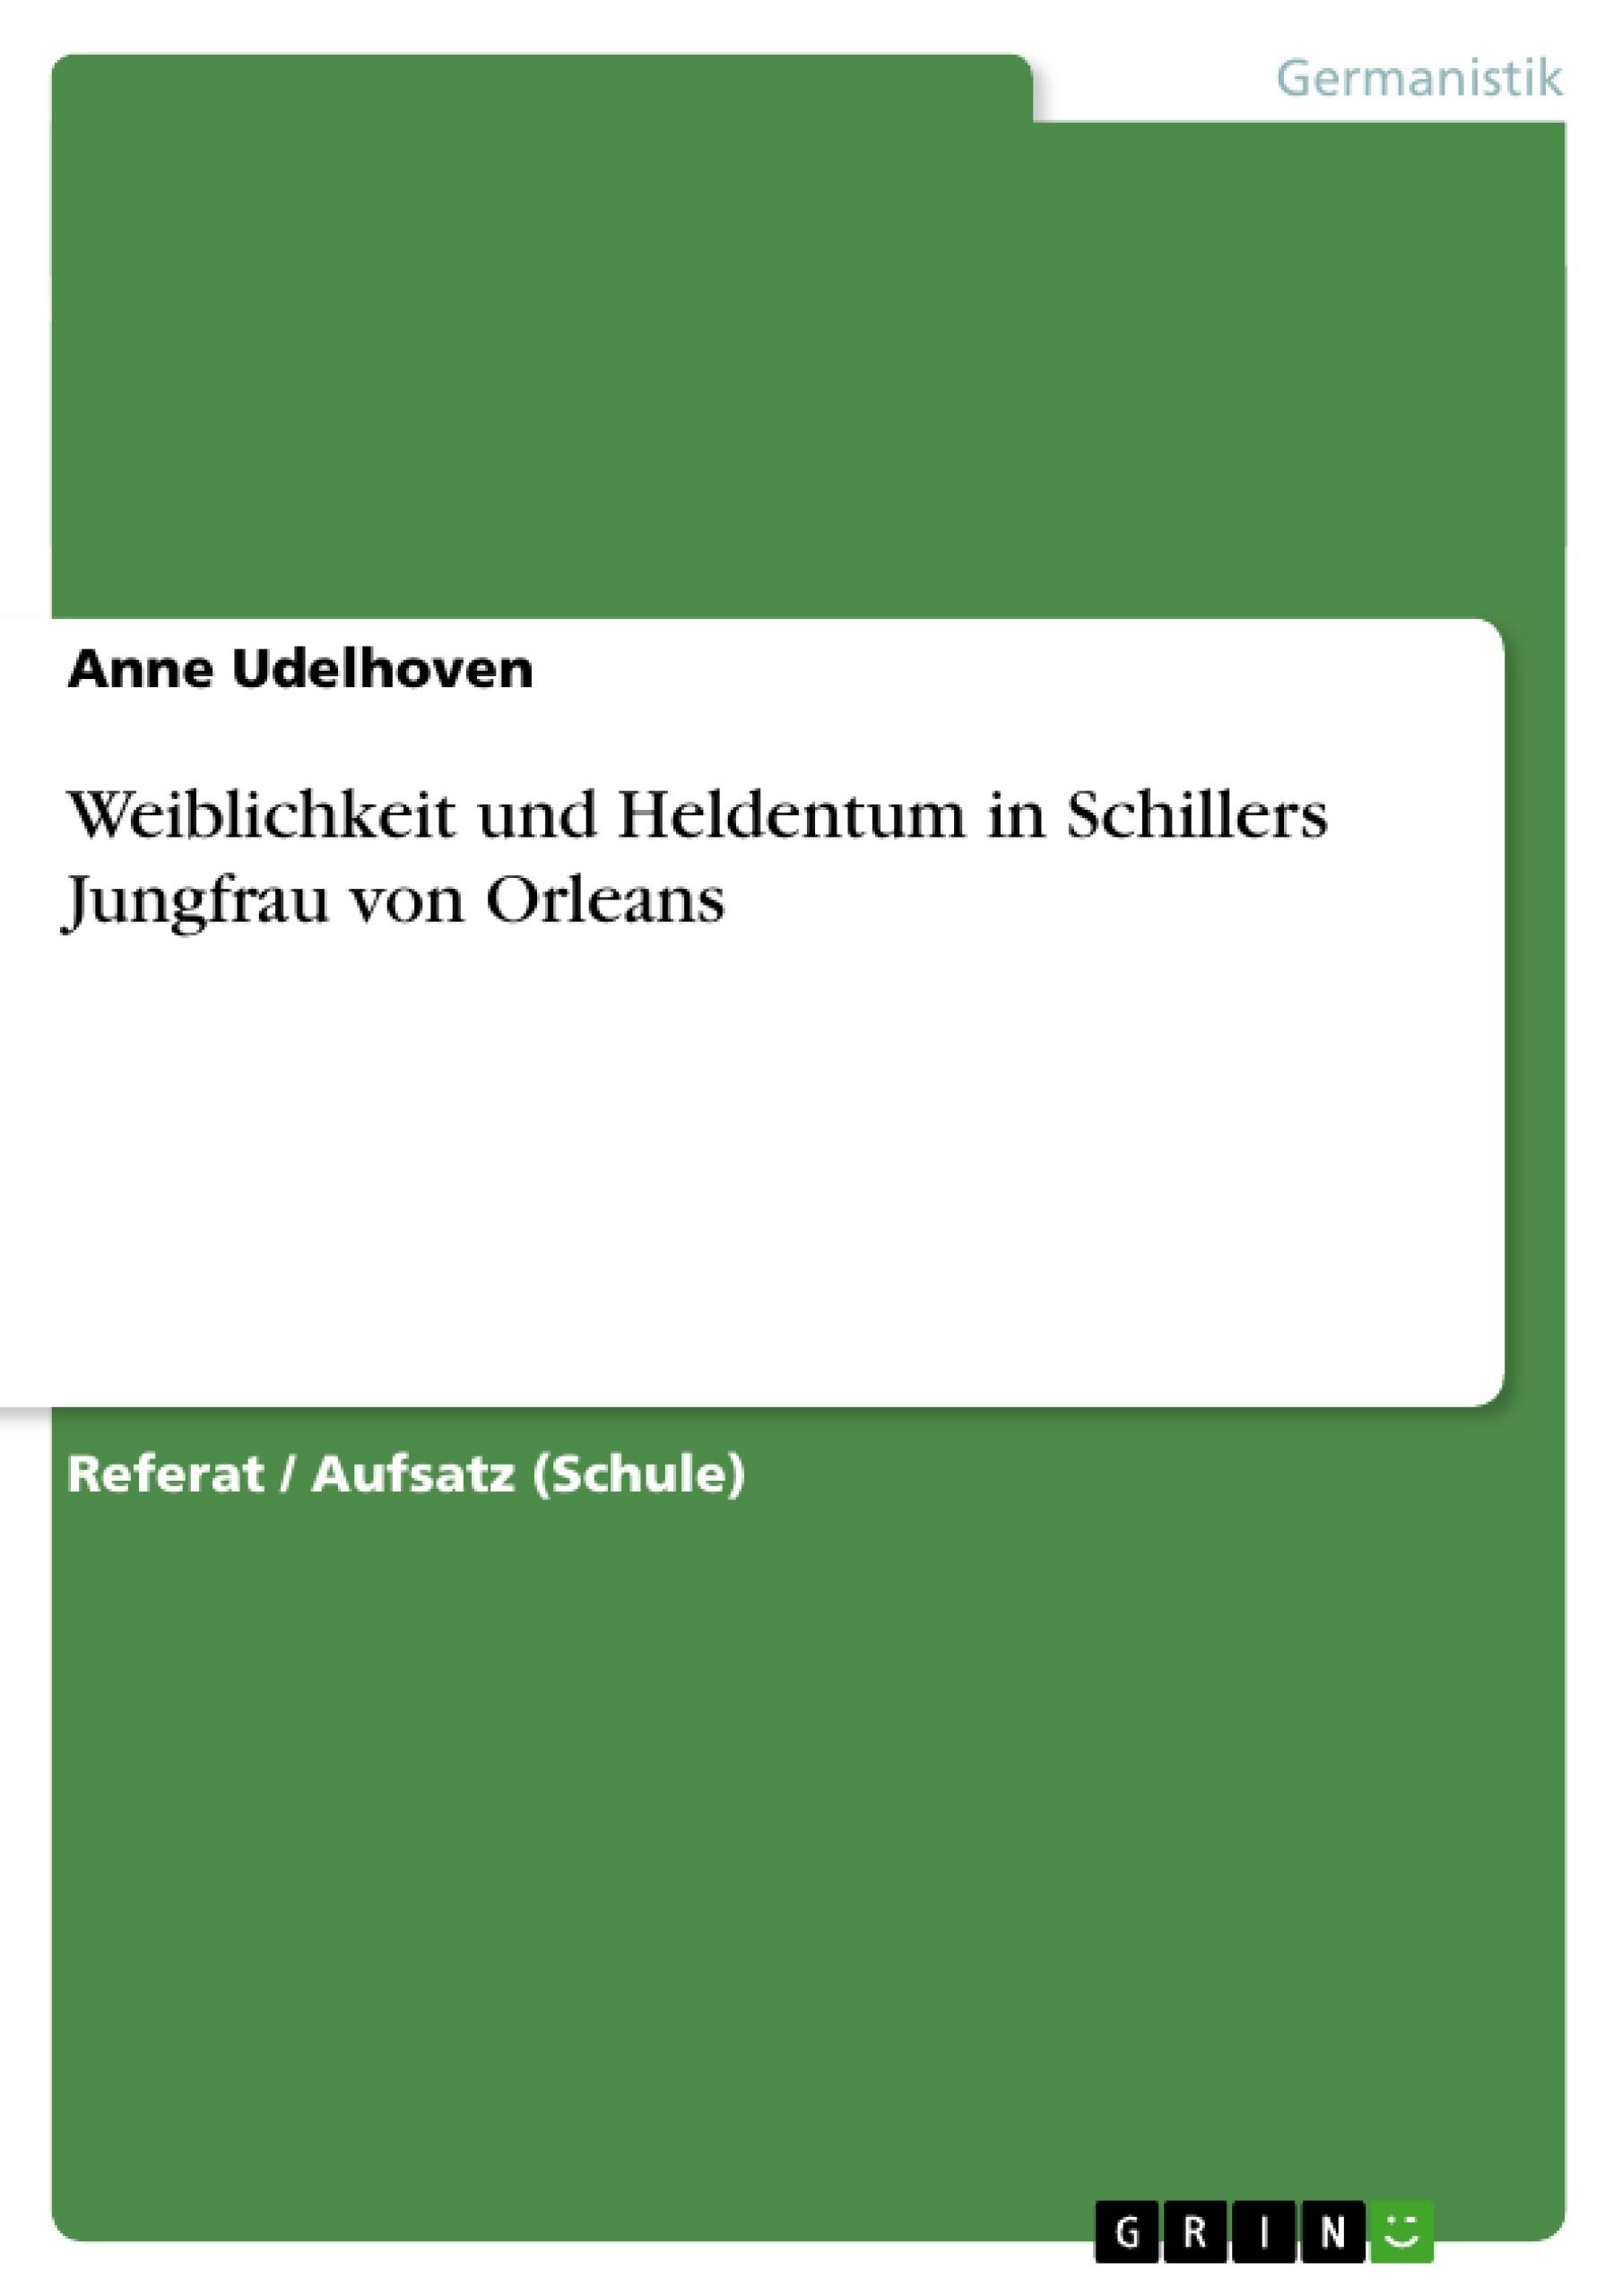 Titel: Weiblichkeit und Heldentum in Schillers Jungfrau von Orleans